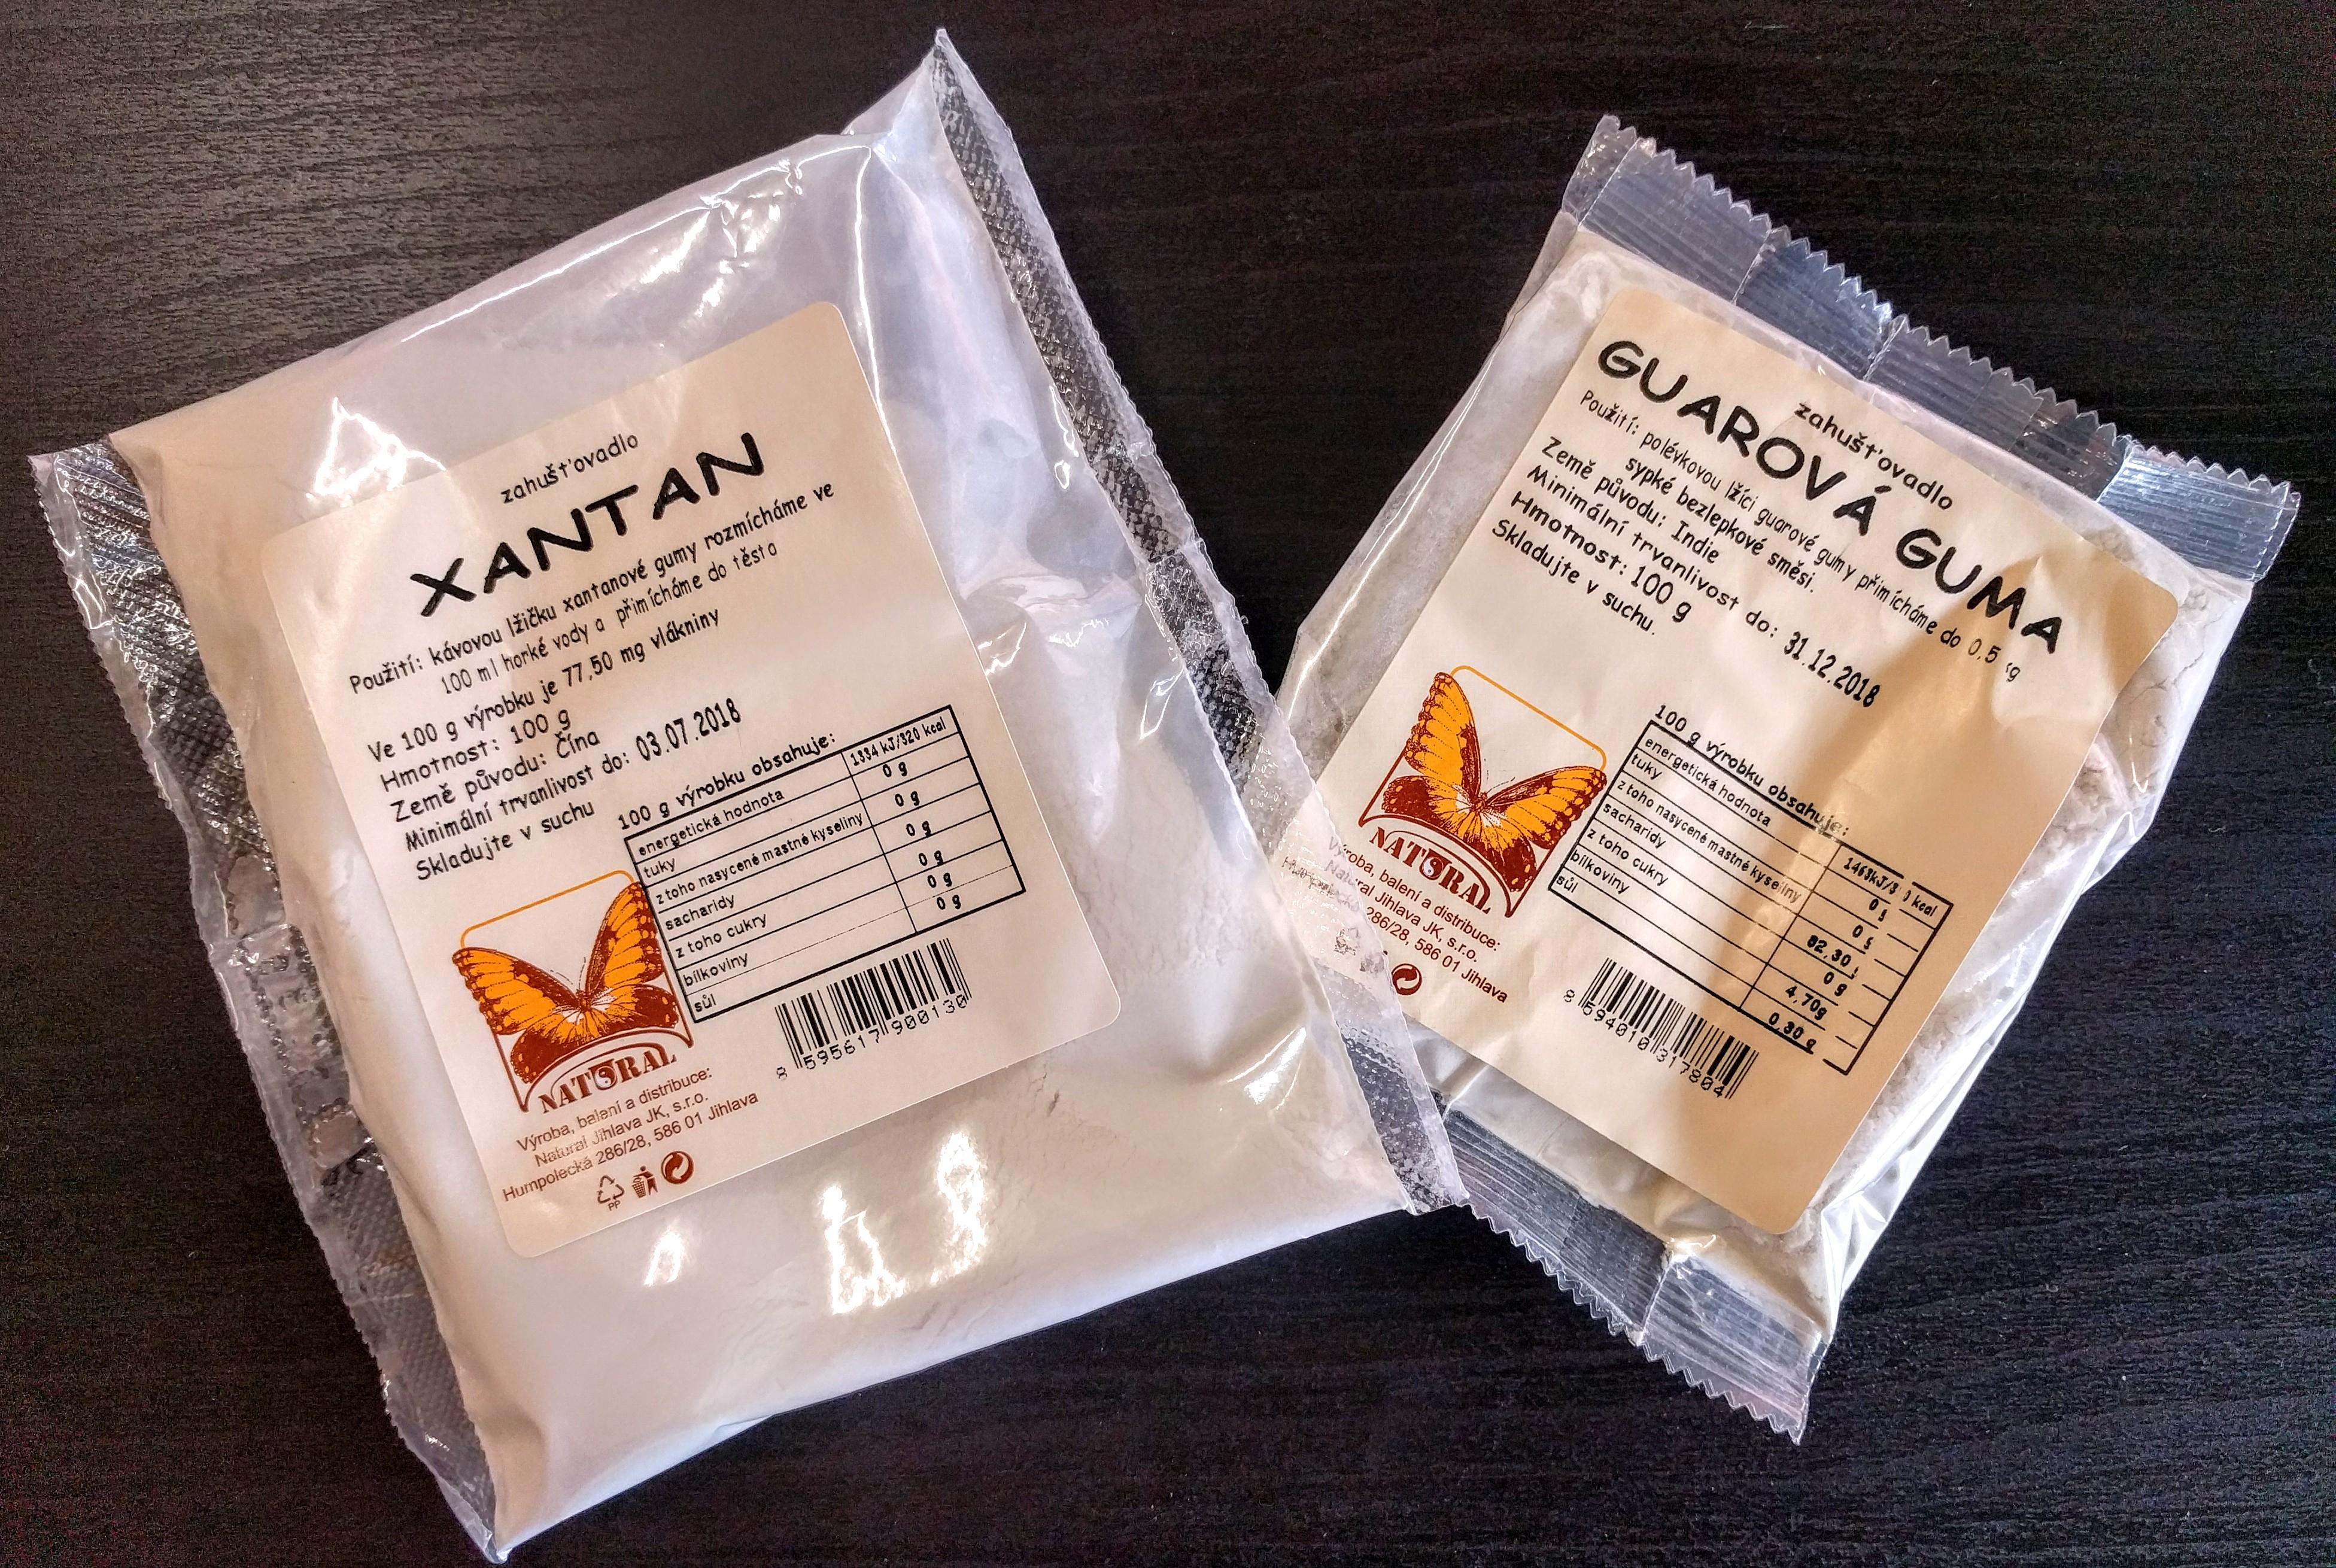 Co je xanthan a guma guar a jaká je jejich úloha v bezlepkových potravinách?